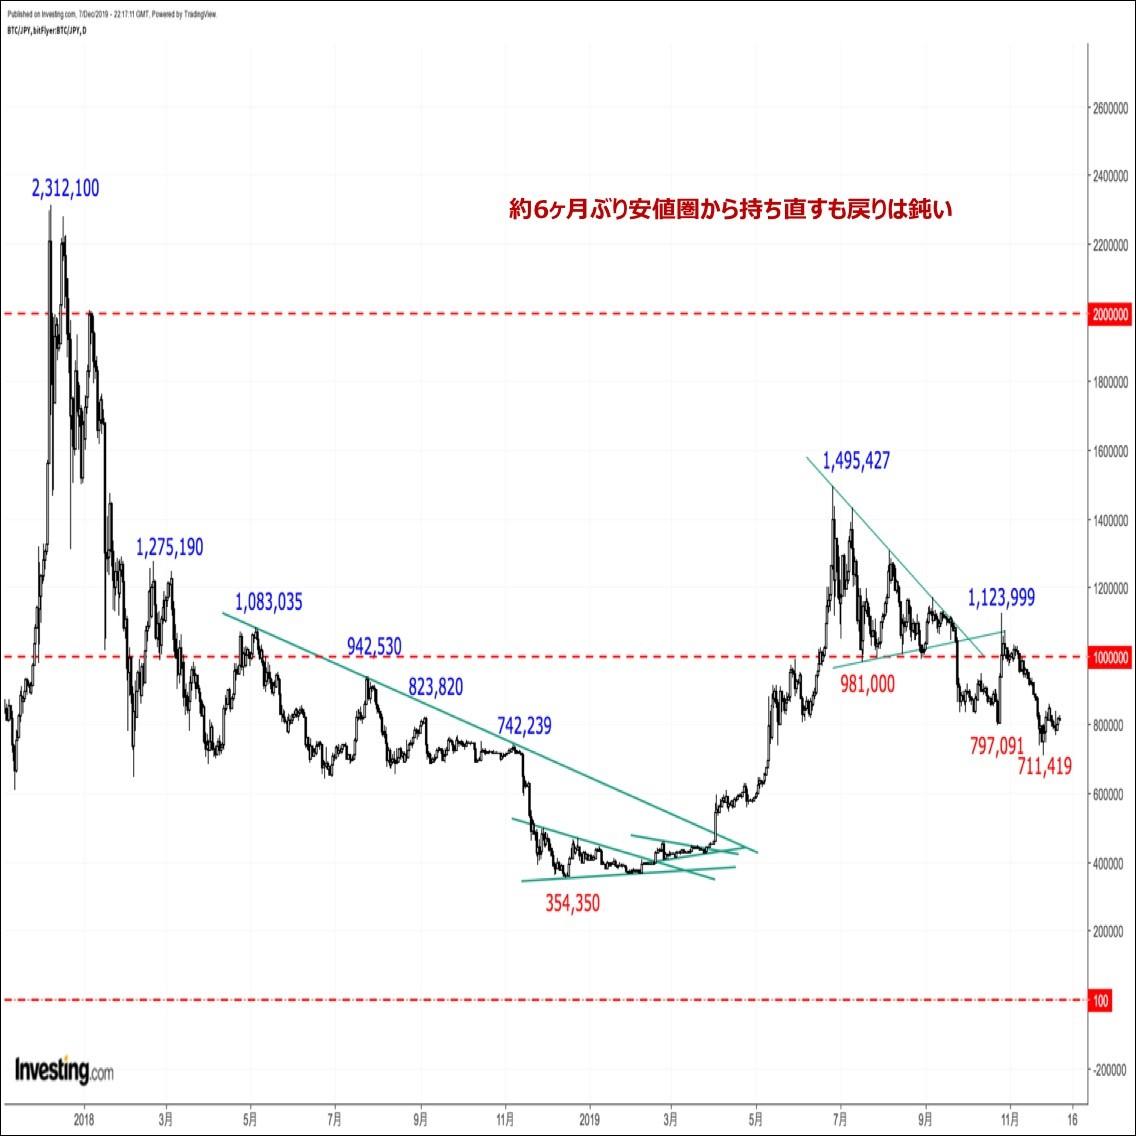 ビットコインの価格分析 『戻り売りか新規買いか。今週はトレンド転換を見極める1週間に』